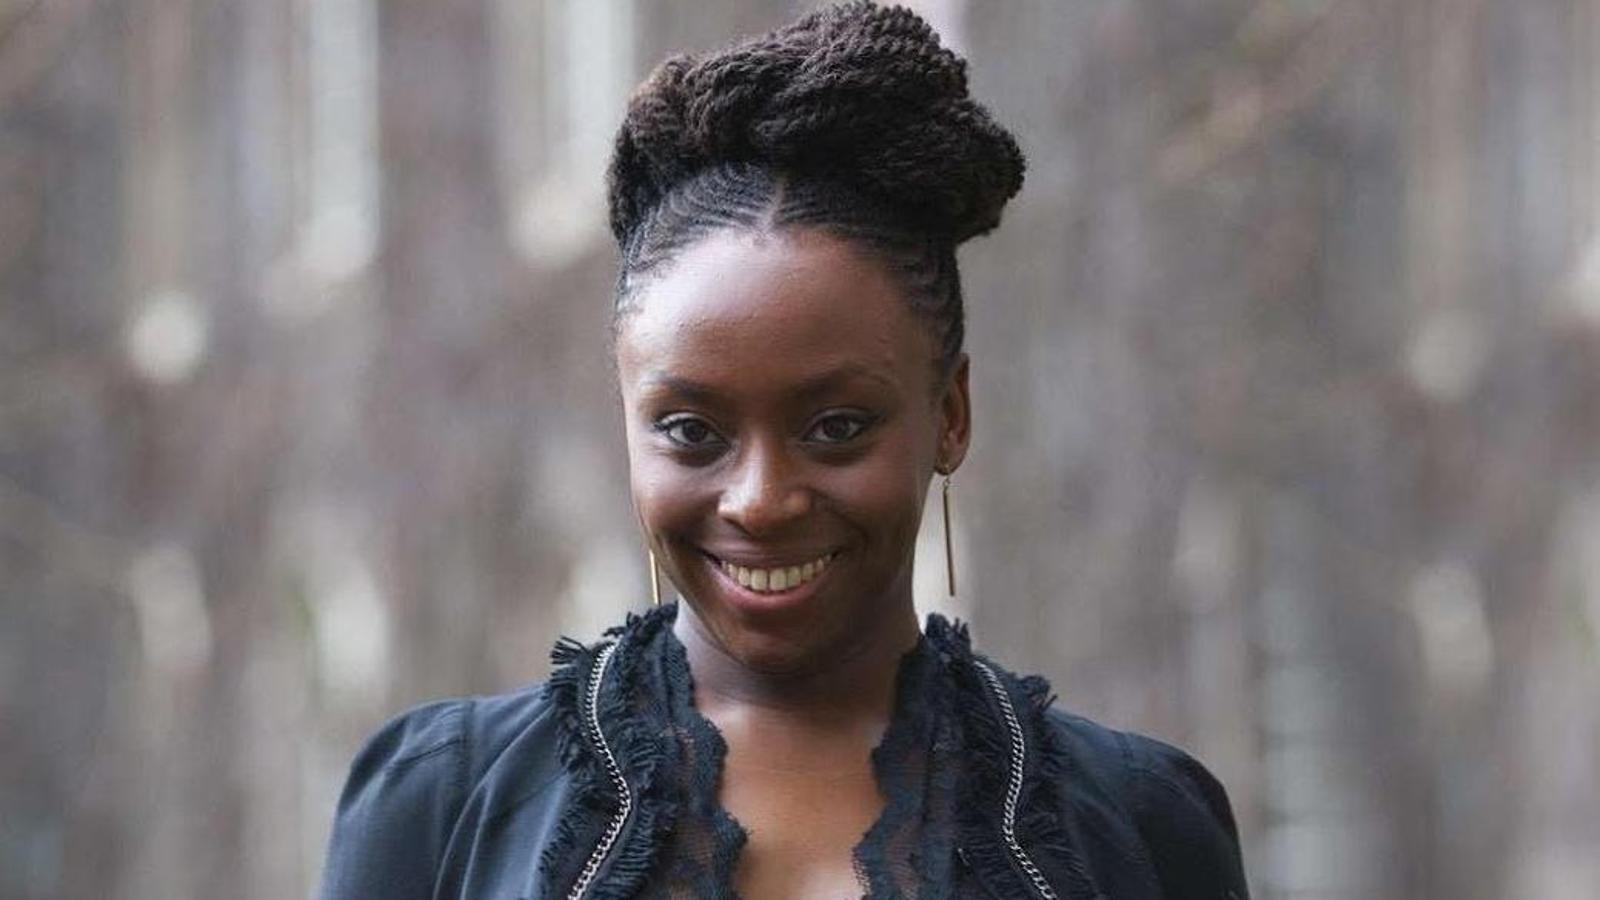 Conferència de Chimamanda Ngozi Adichie al CCCB